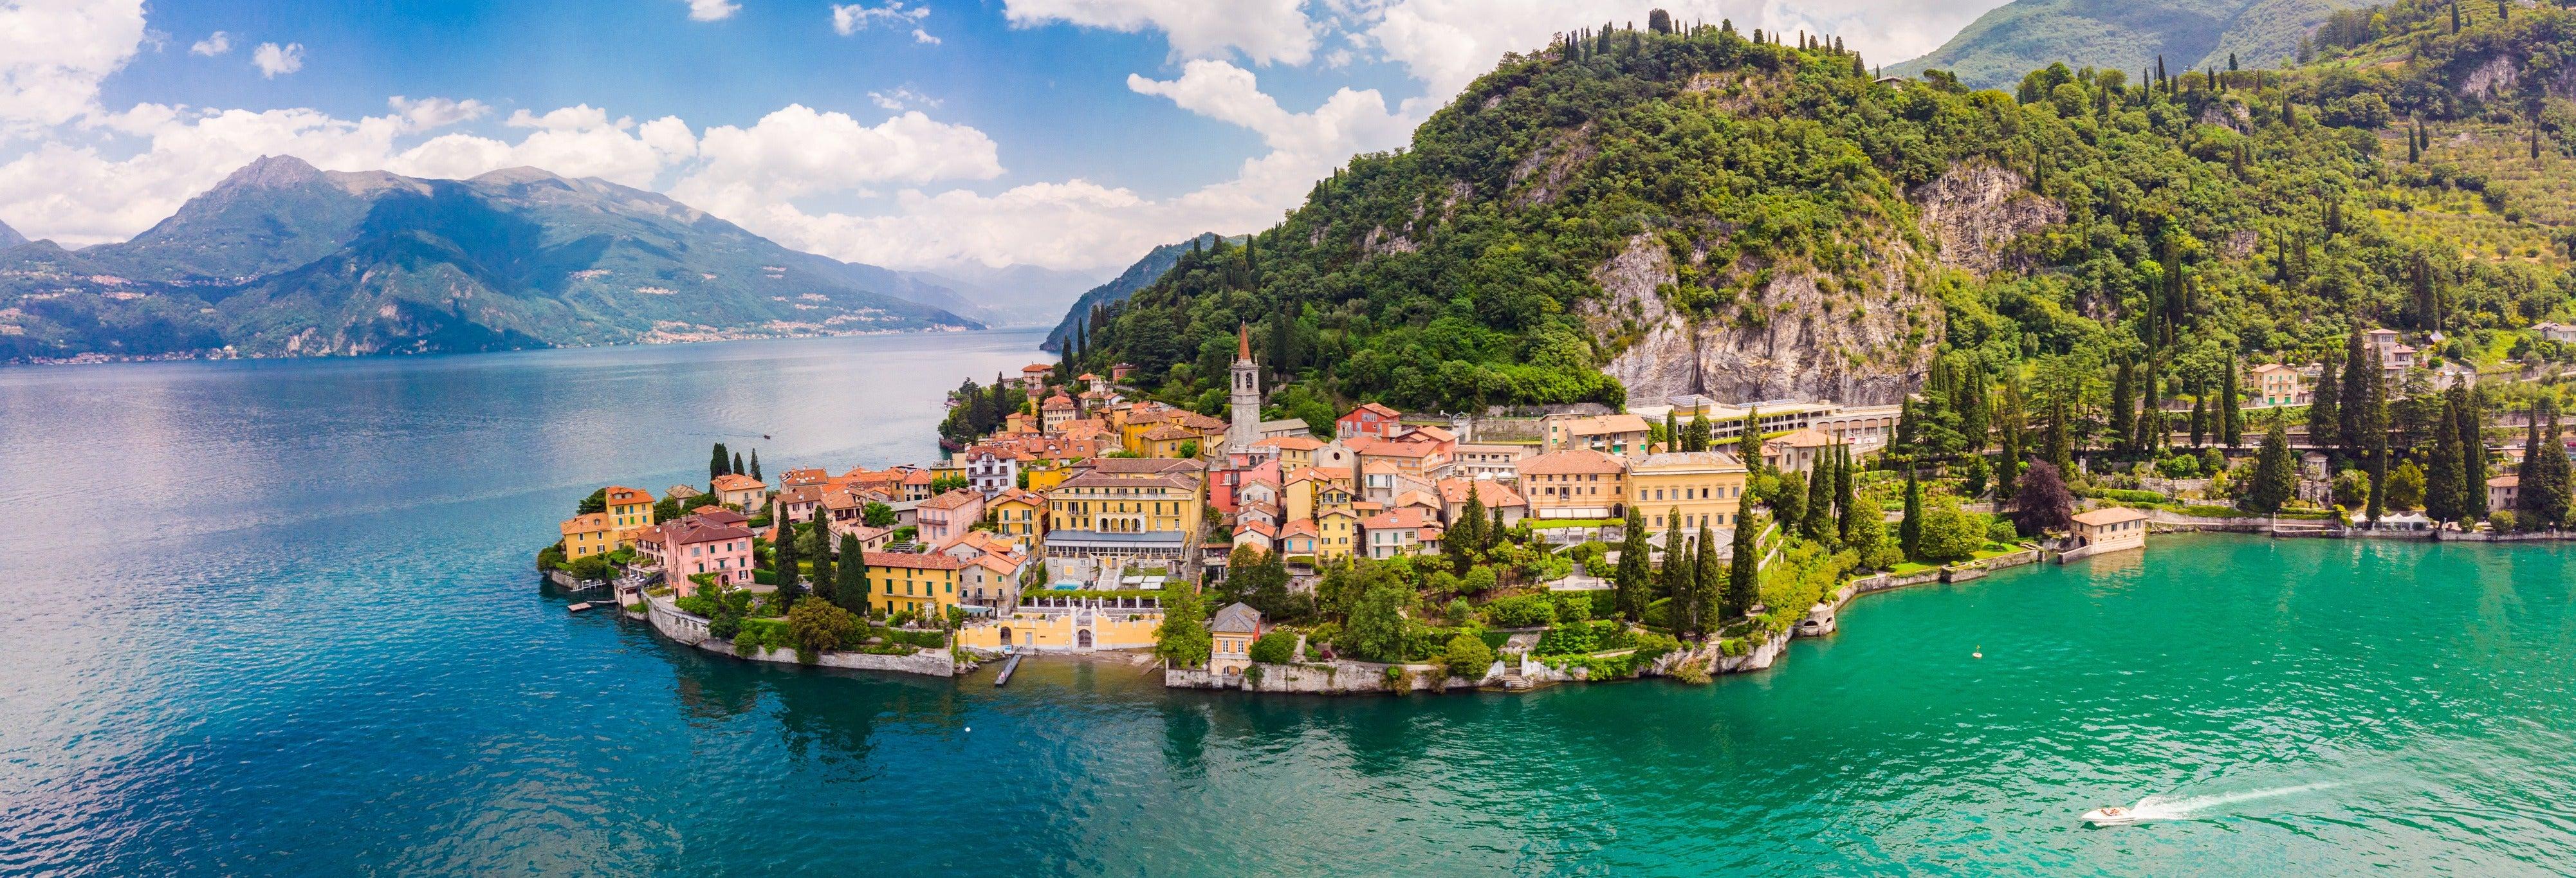 Tour pelo Lago de Como e Brunate